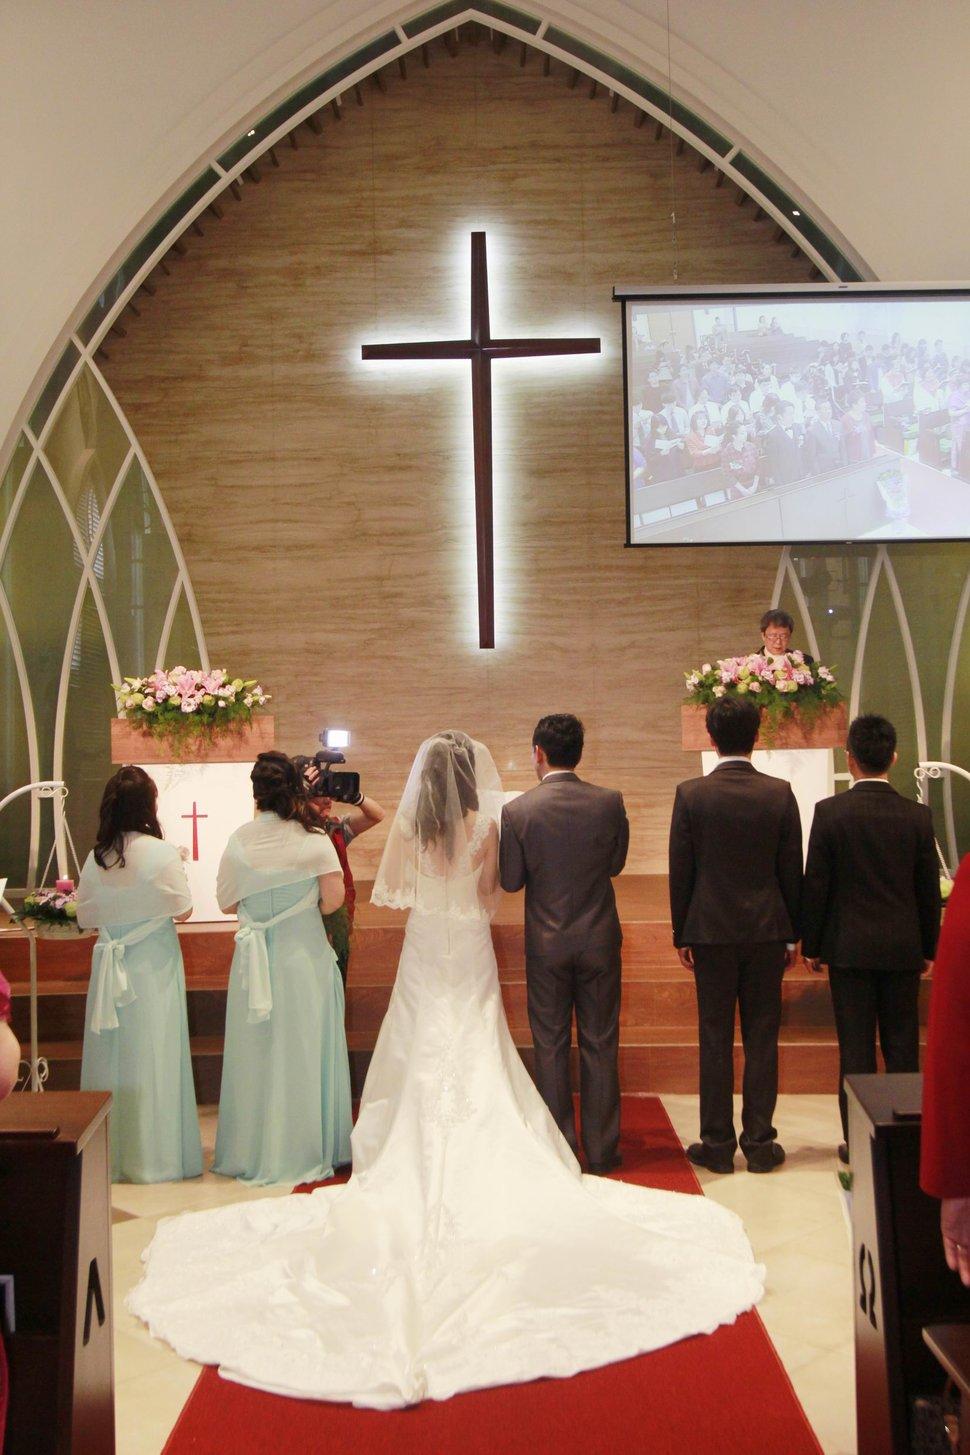 汐止那米哥餐廳婚宴會館餐廳婚攝j婚錄結婚迎娶婚禮記錄動態微電影錄影專業錄影平面攝影婚禮紀錄婚攝婚錄主持人(編號:280659) - 蜜月拍照10800錄影12800攝影團隊 - 結婚吧